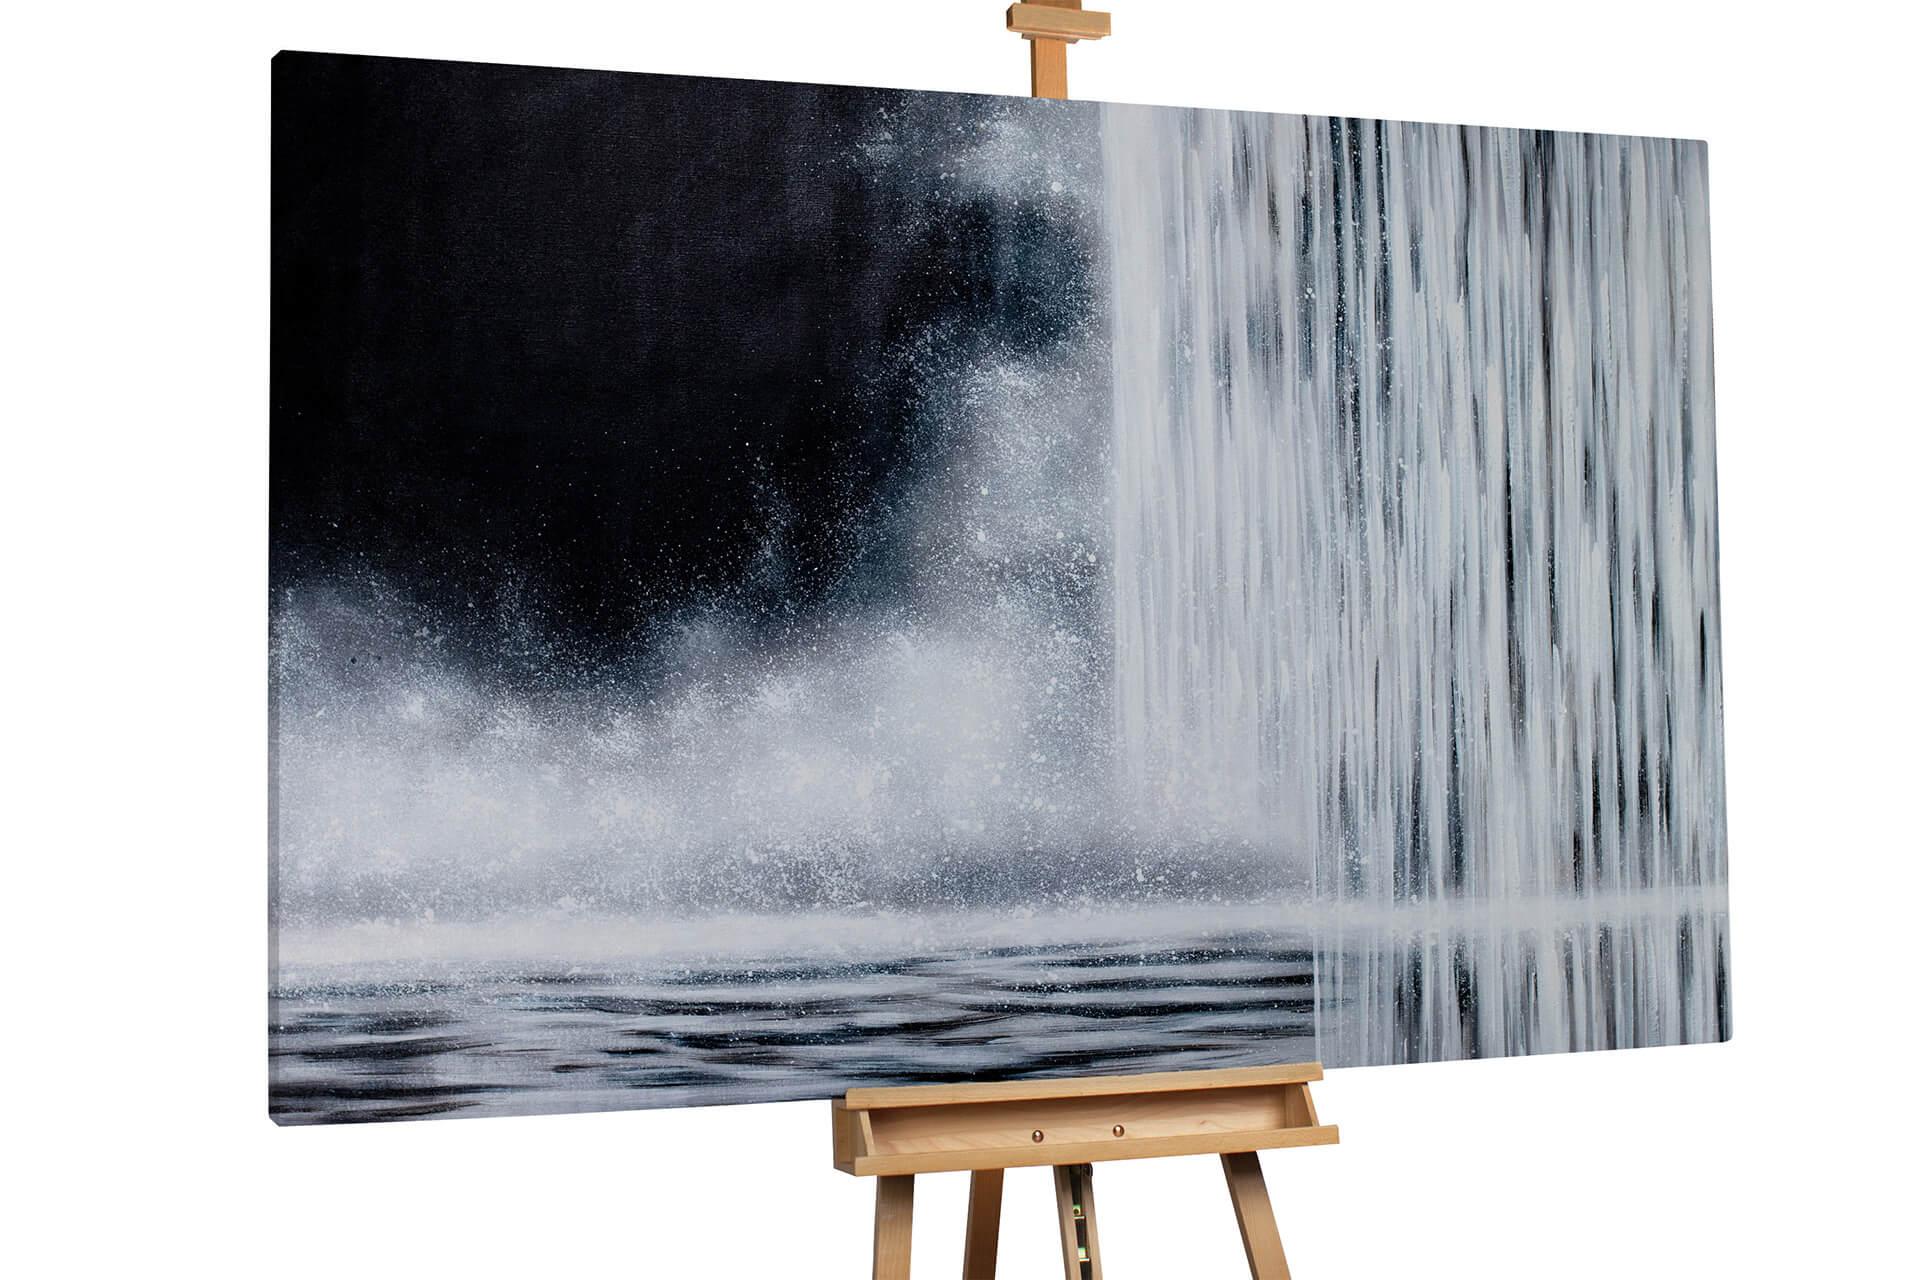 kl wasserfall schwarz weiss wasser modern acryl gemaelde oel bild 0001 02